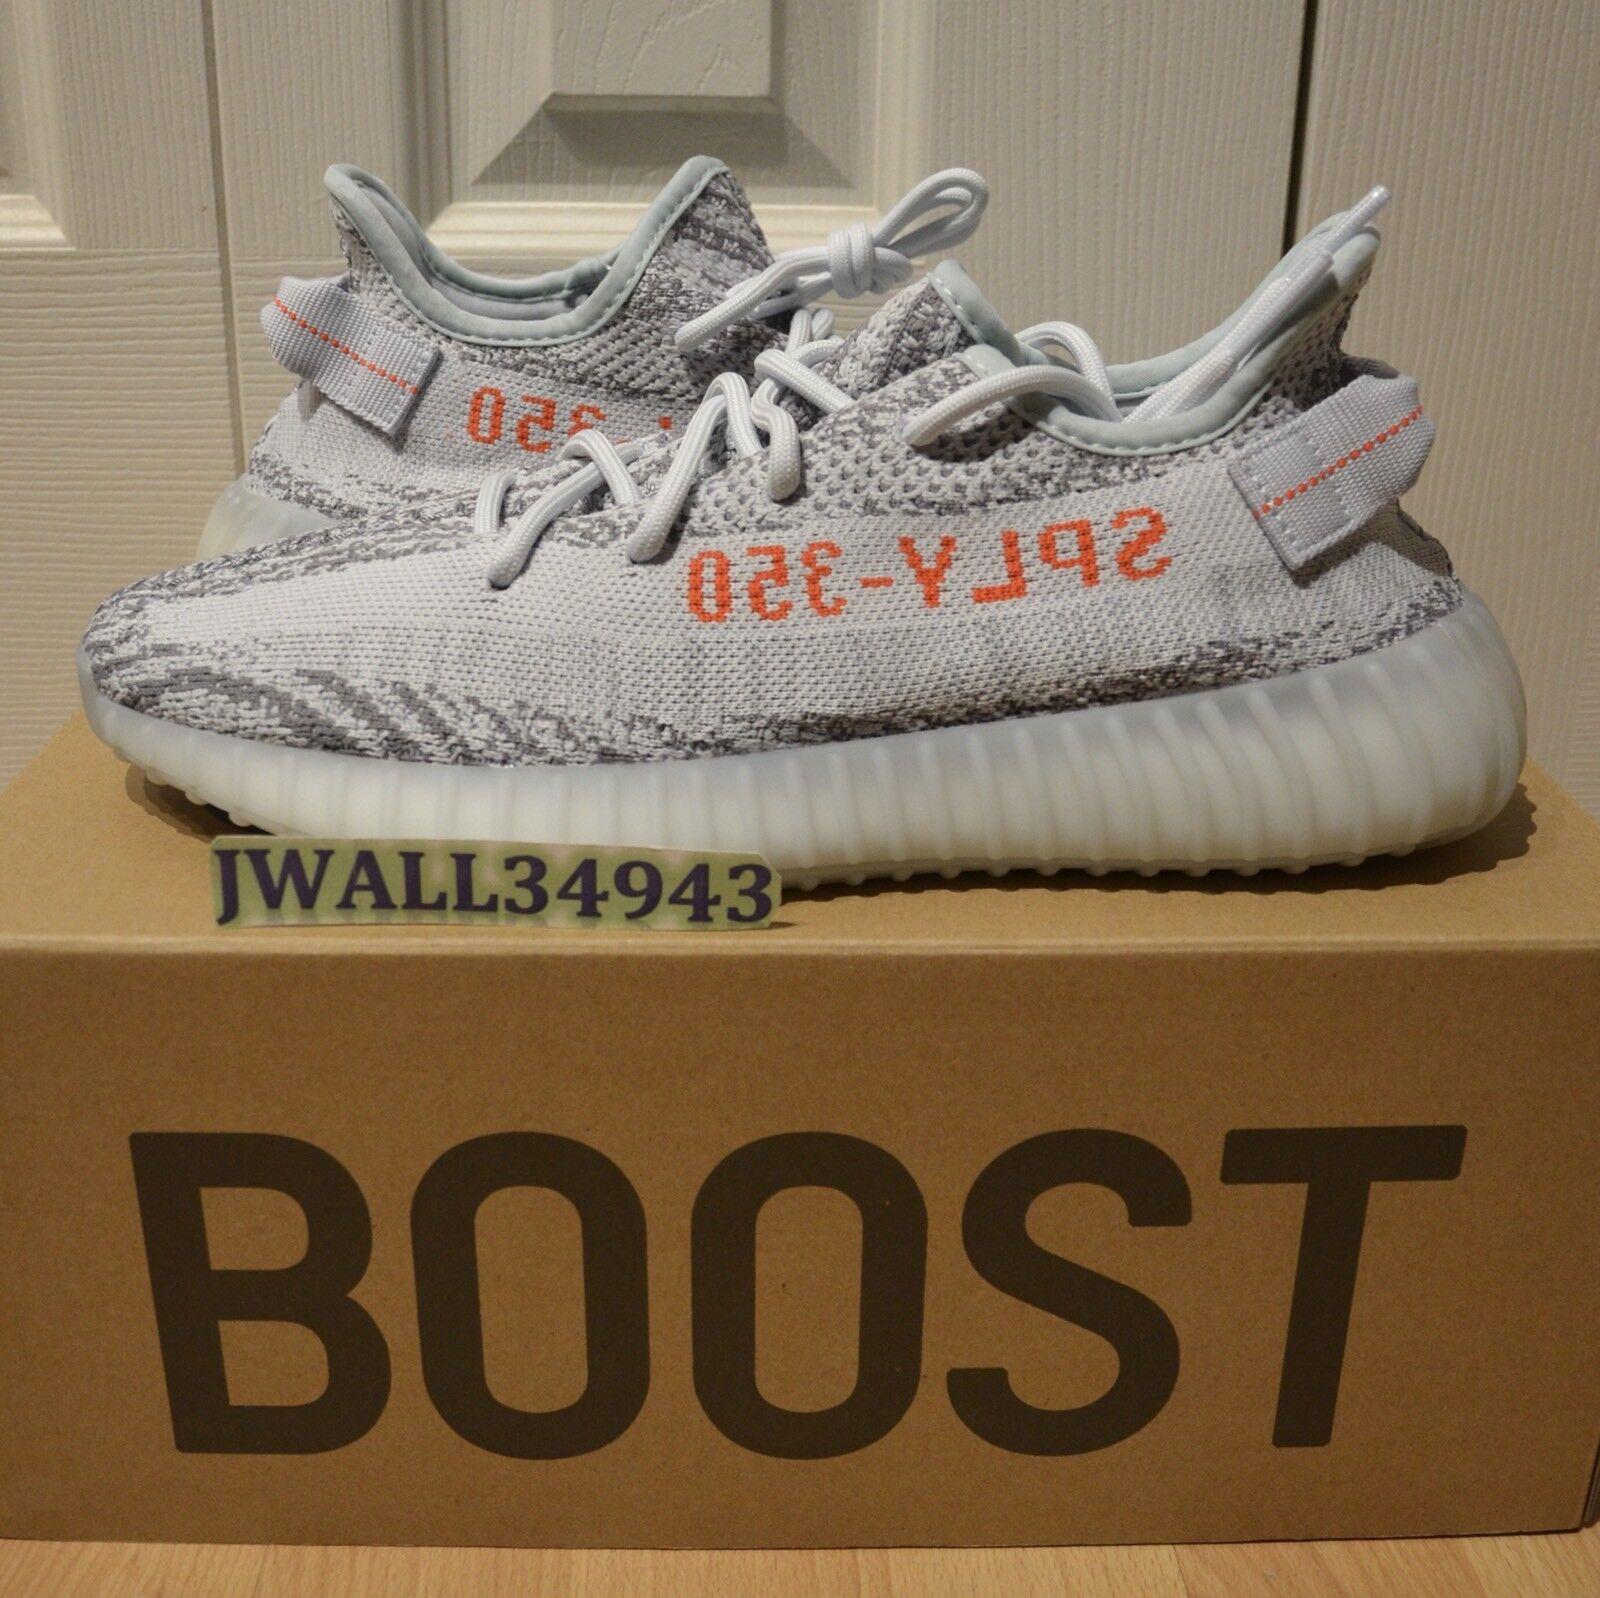 Adidas YEEZY Boost 350 V2 Blue Tint Sply Kanye B37571 DS New w/RECEIPT Size 9.5